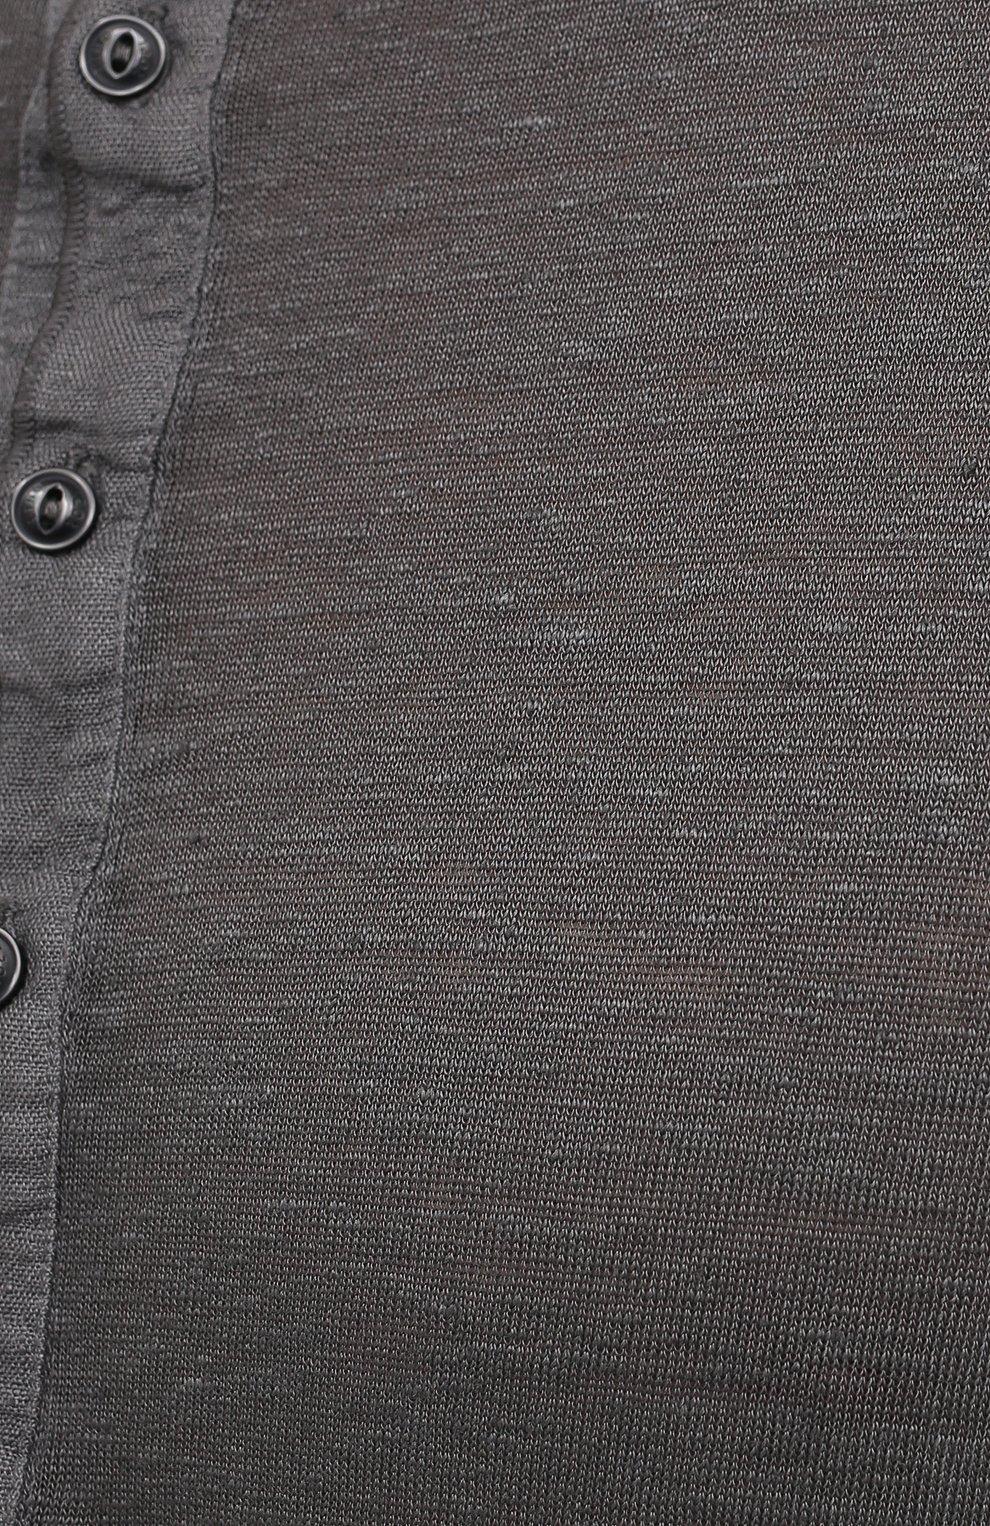 Мужская льняная футболка 120% LINO темно-серого цвета, арт. T0M7672/E908/S00 | Фото 5 (Принт: Без принта; Рукава: Короткие; Длина (для топов): Стандартные; Материал внешний: Лен; Стили: Кэжуэл)